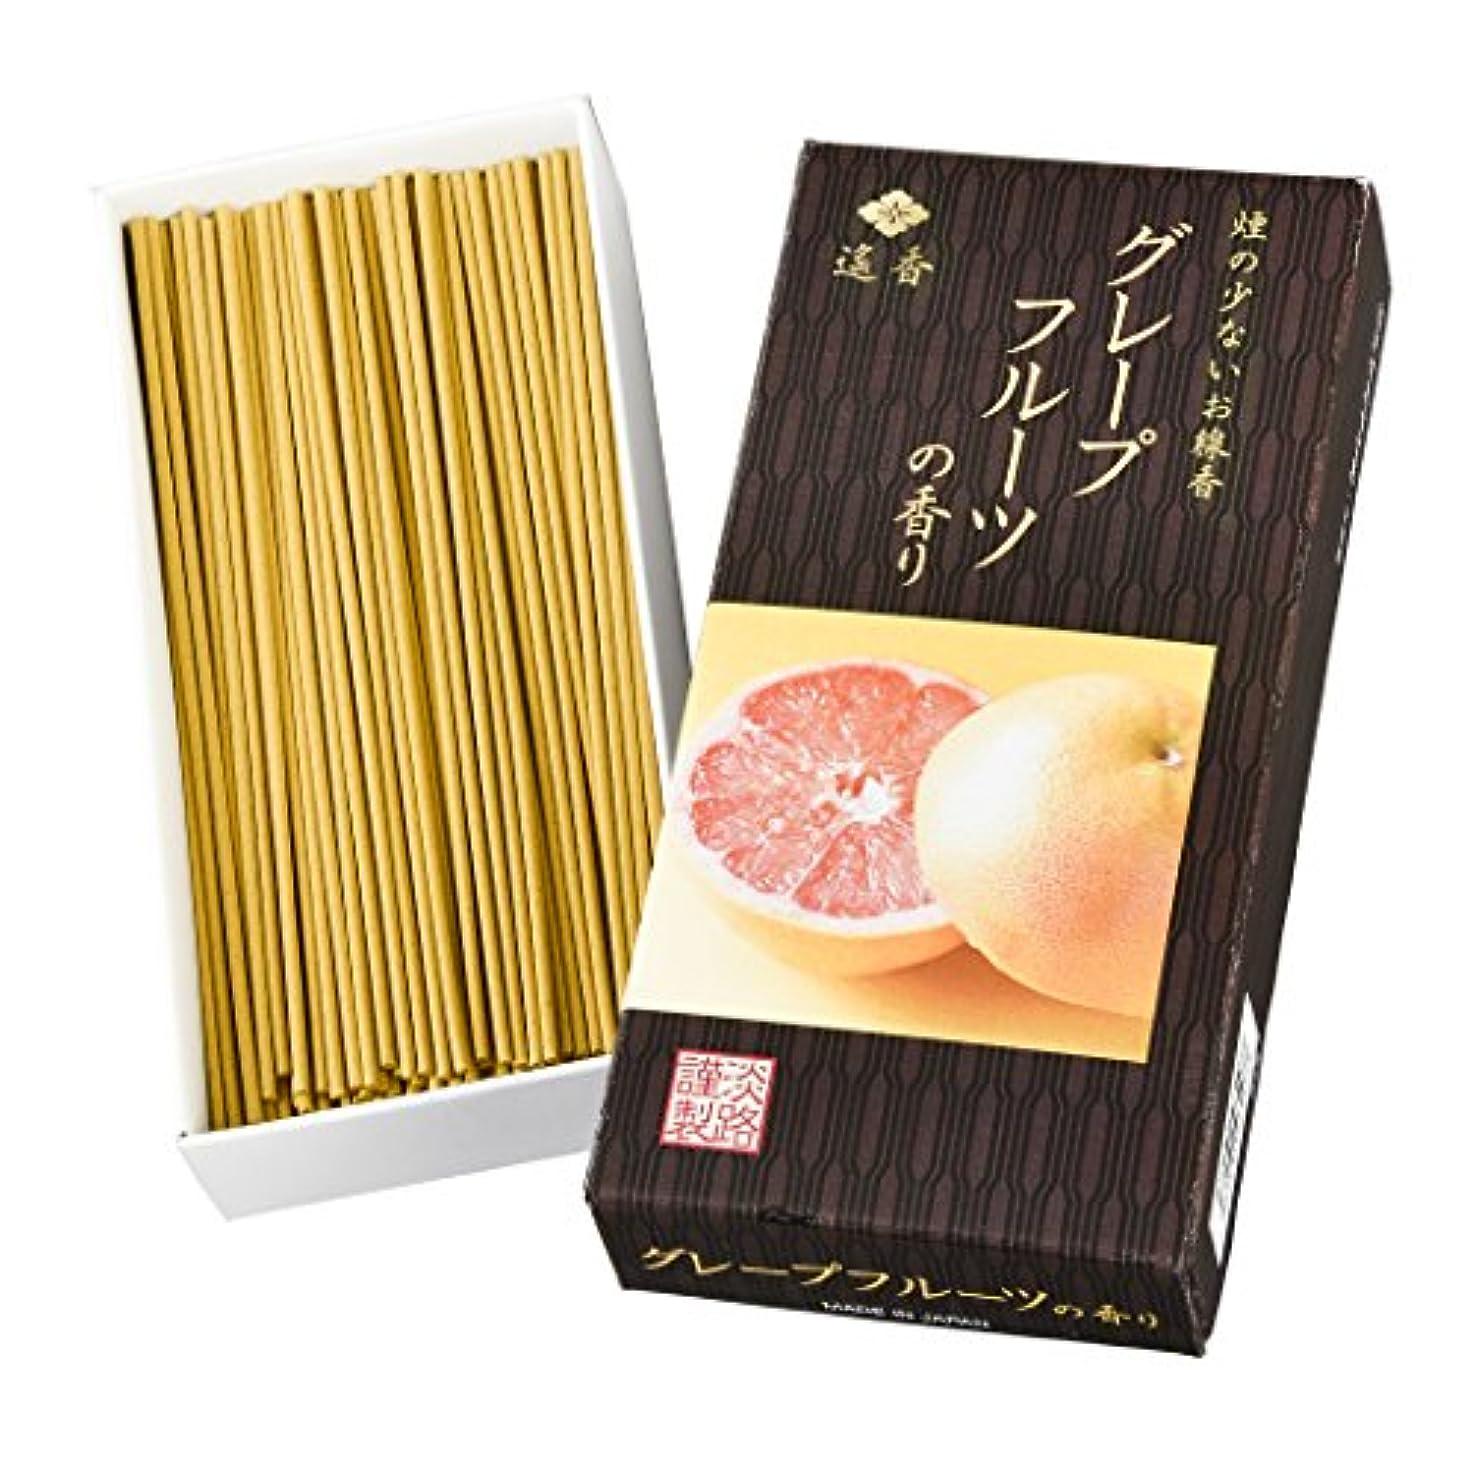 哺乳類リボン振りかける良生活 遙香 グレープフルーツの香り 3個